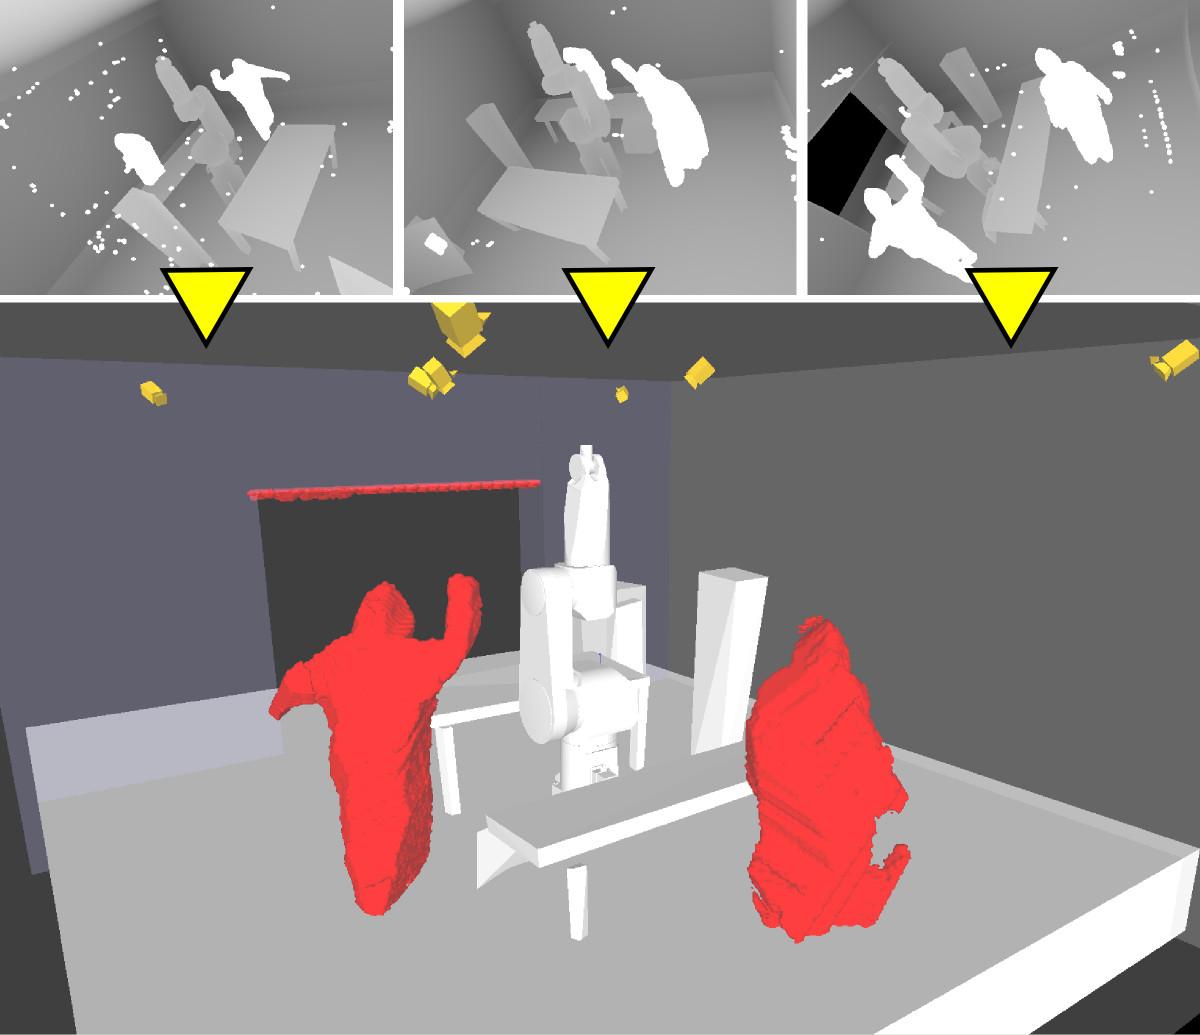 Kombination der Umweltmodellierung mit segmentierten Kamerabildern und anschließender 3D-Rekonstruktion